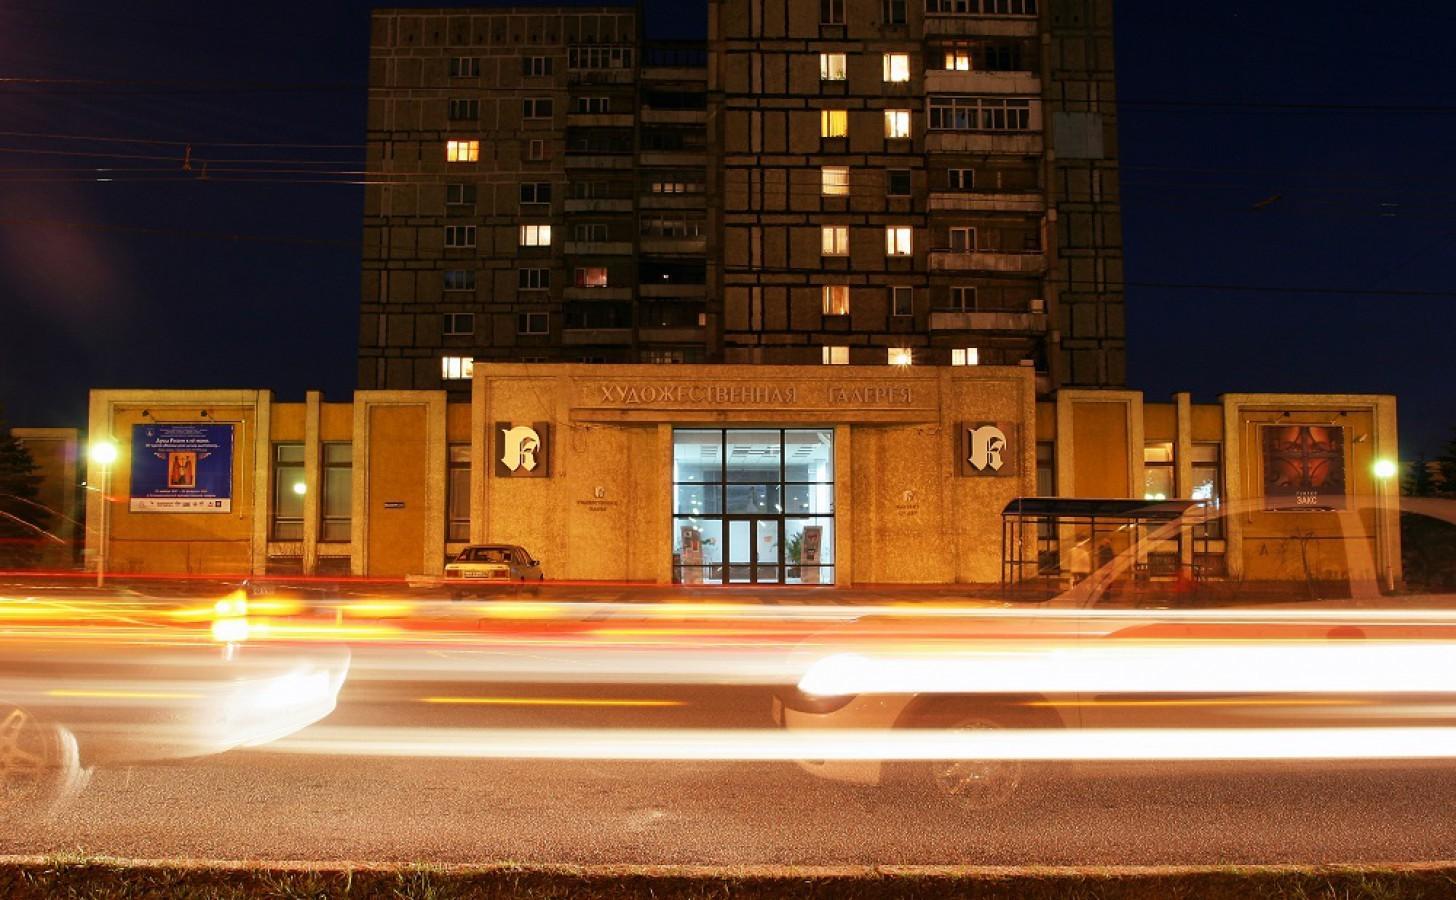 Калининградский музей «Художественная галерея»